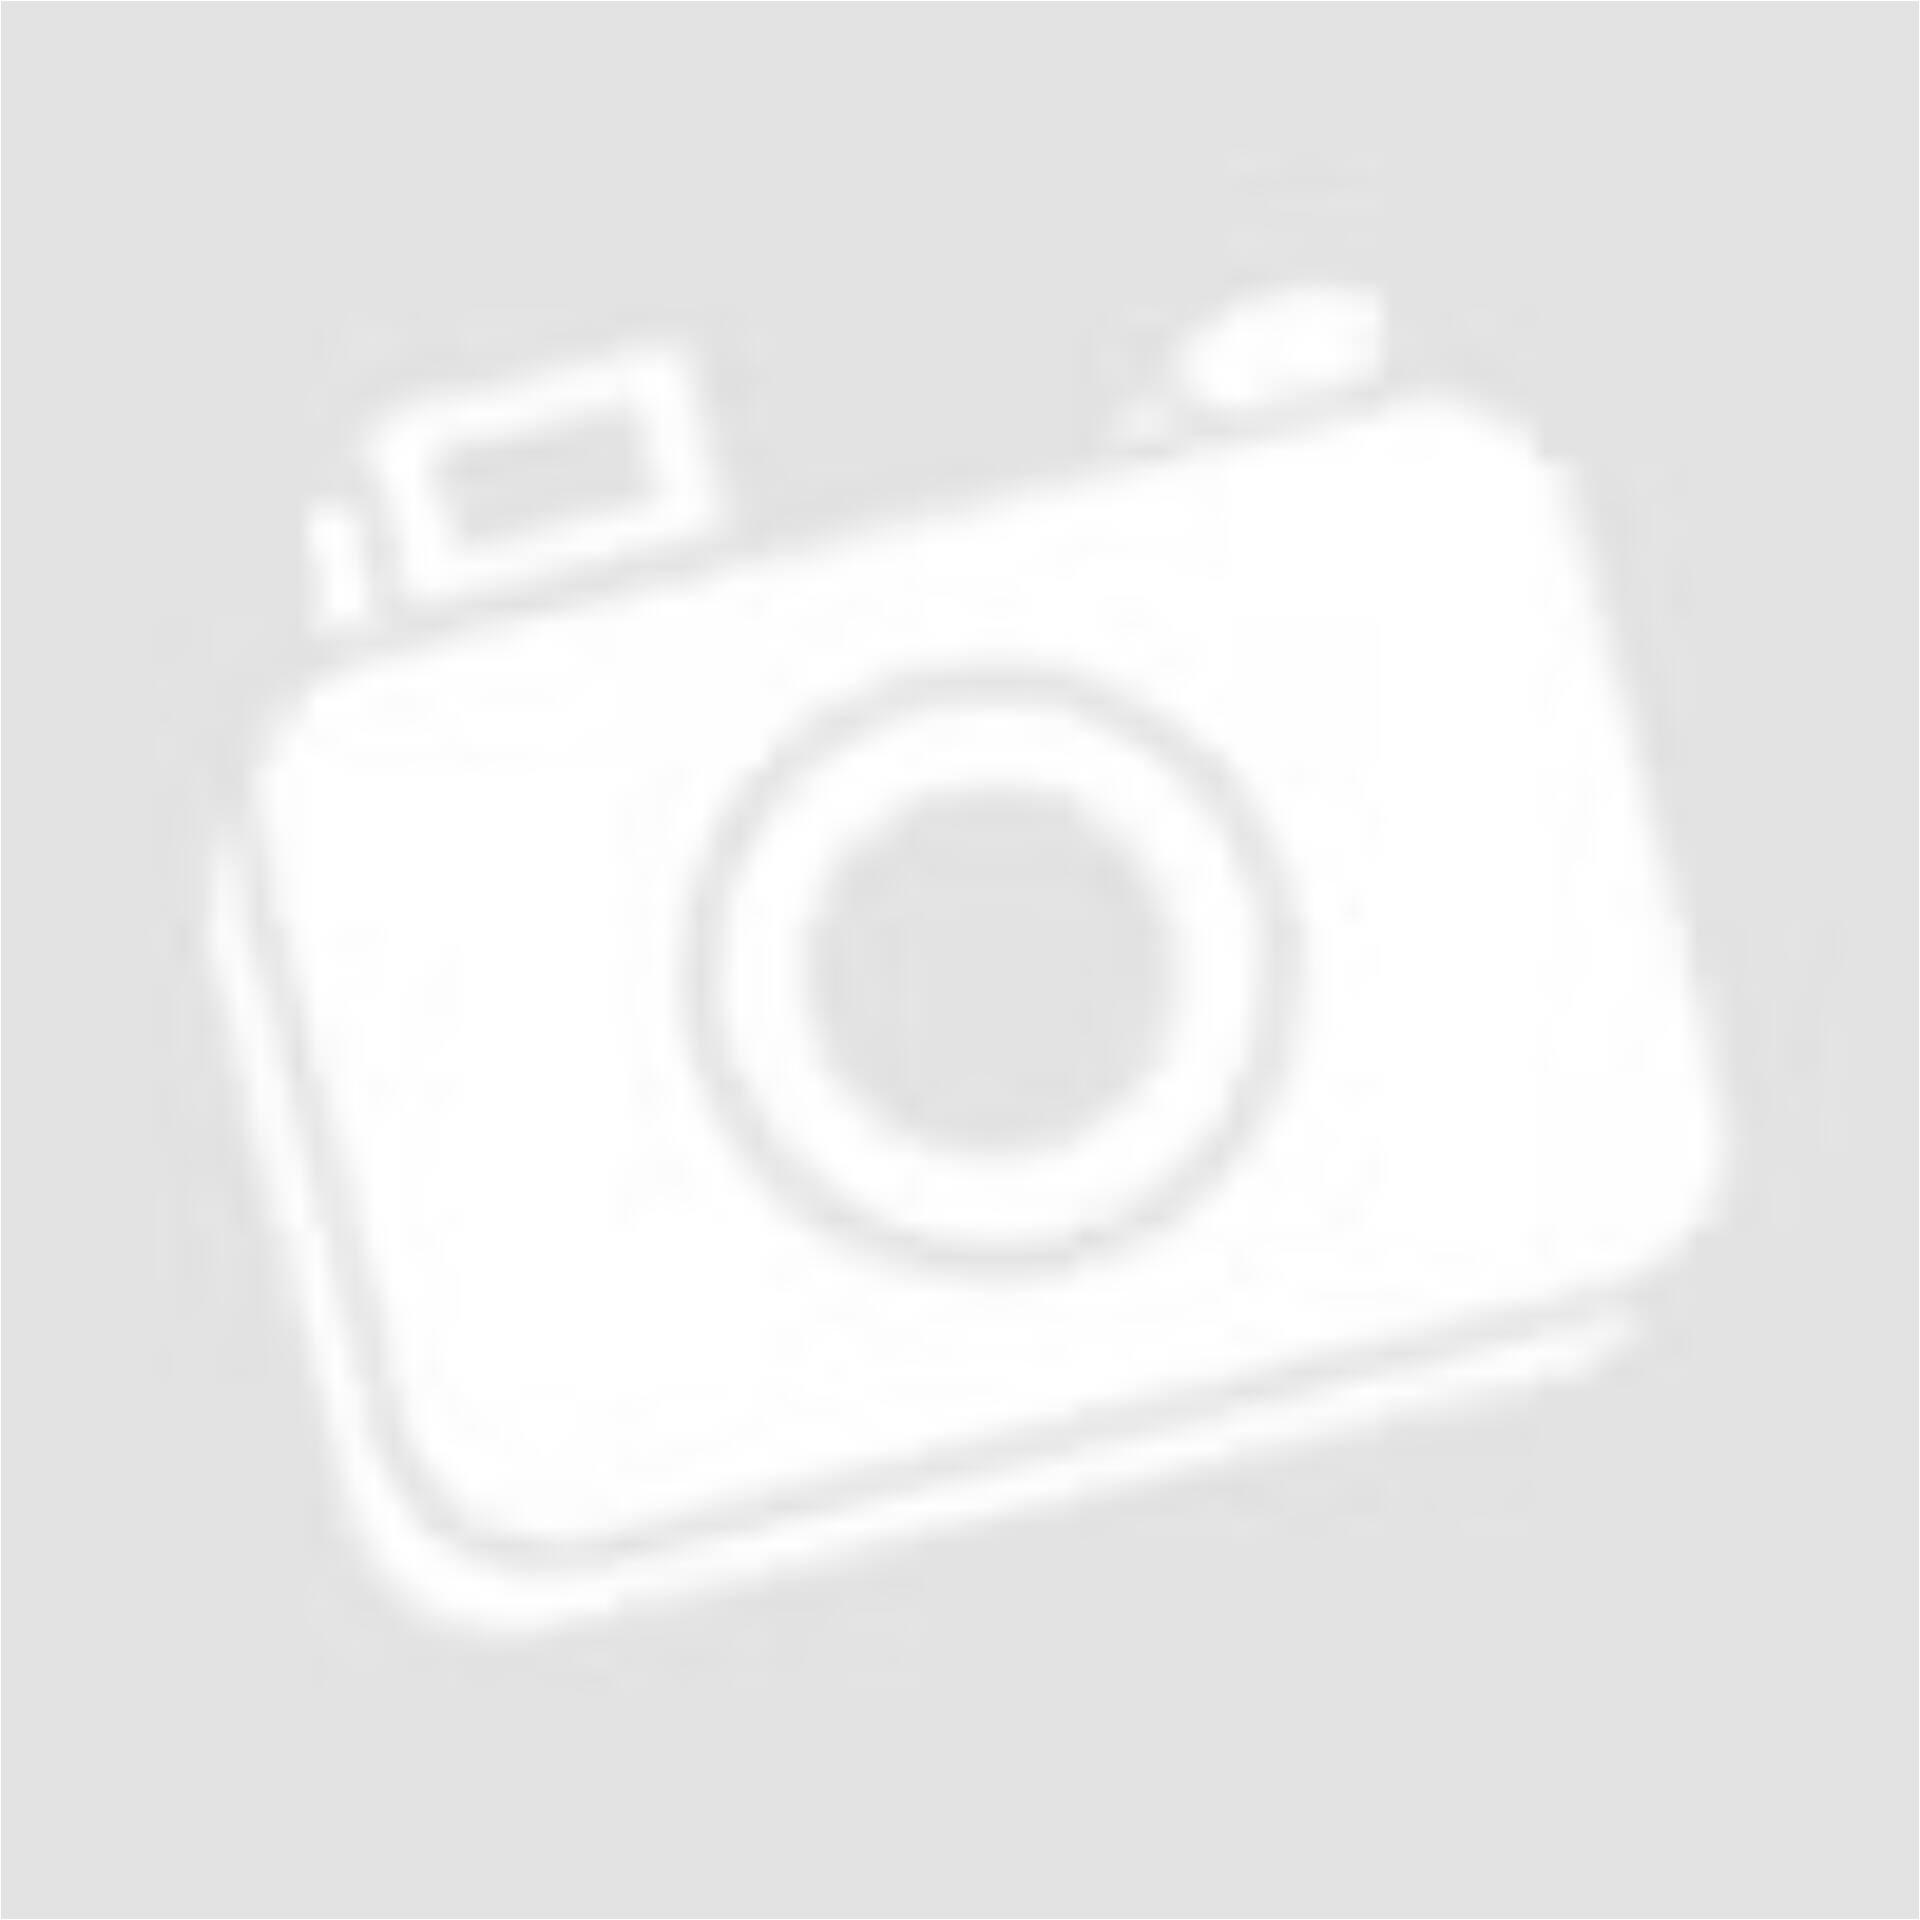 a07d3d89d3 HIGHLANDER kék golf cipő (Méret: 39) - Edzőcipő - Öltözz ki ...